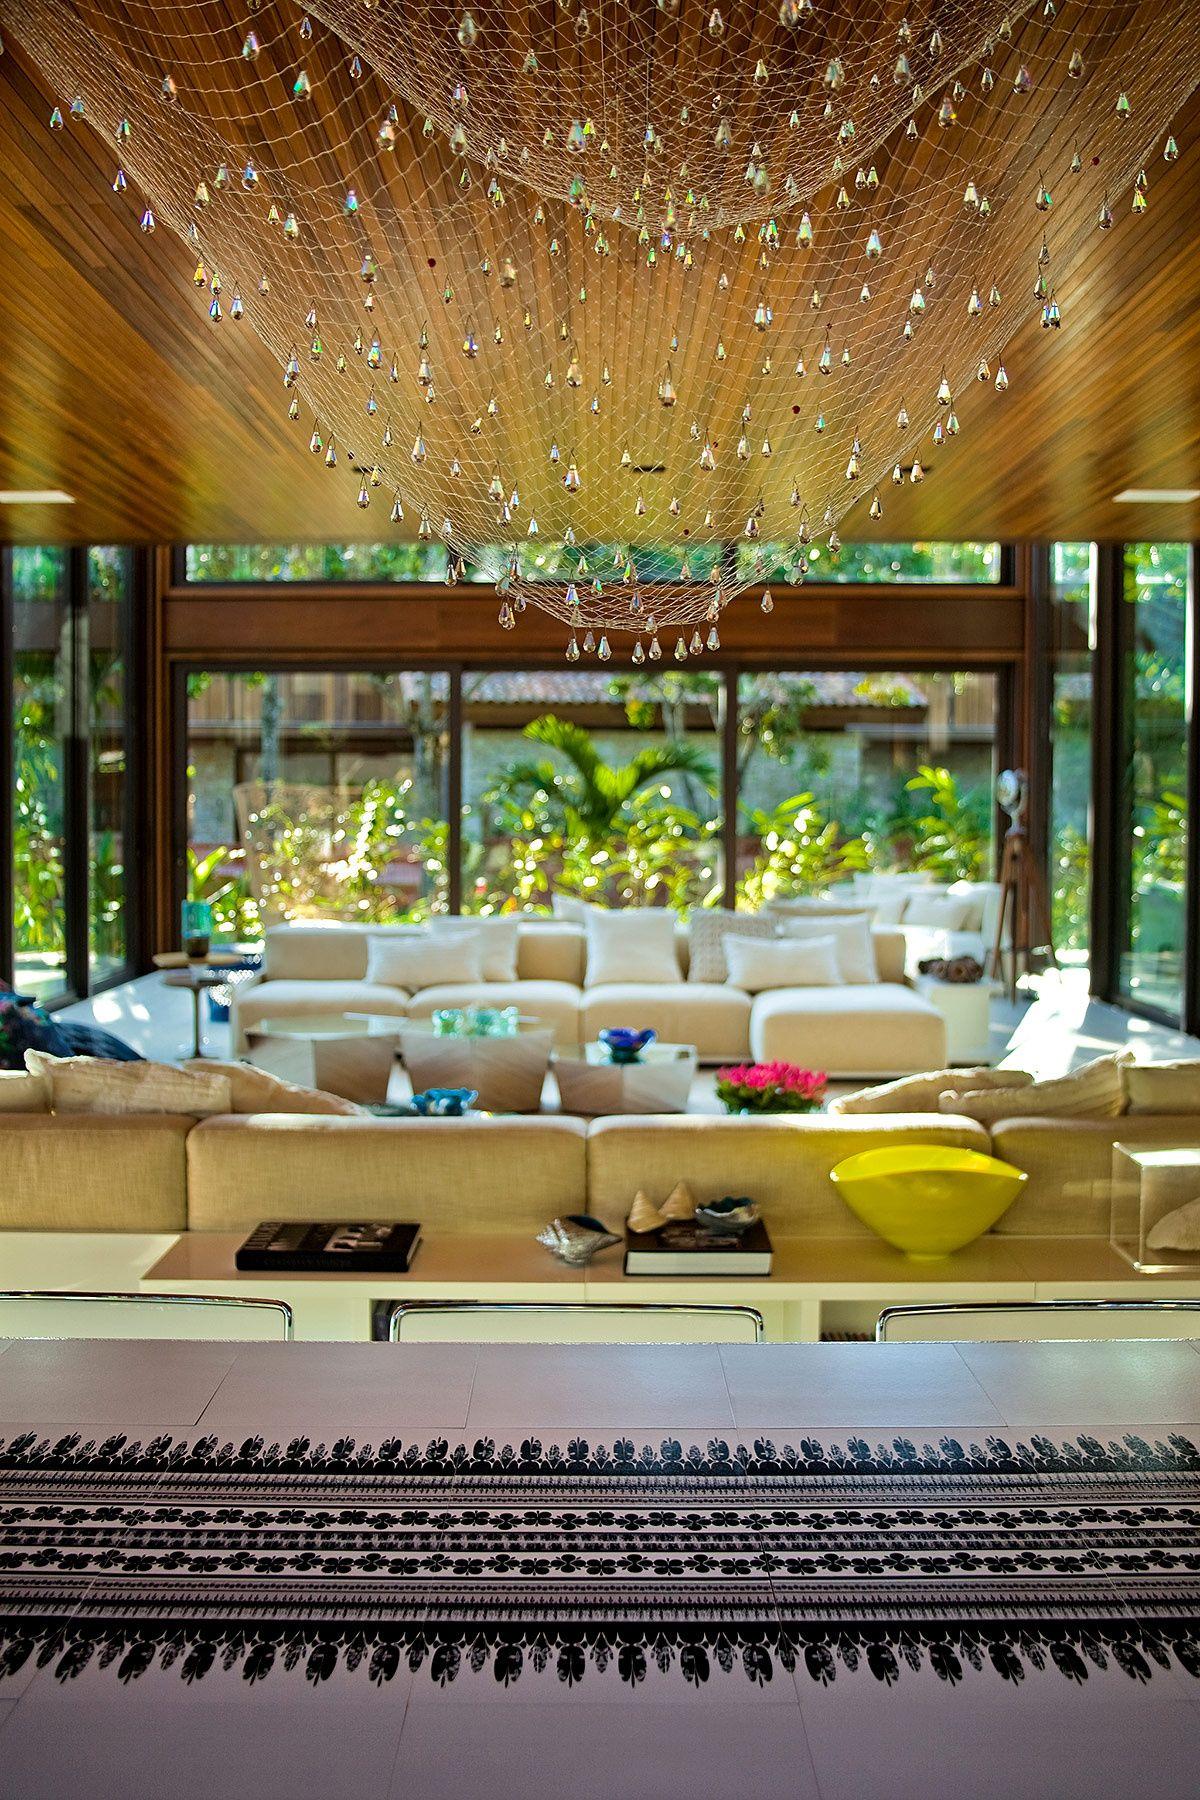 Casa en la playa de Río de Janeiro - Influencias marinas y formas orgánicas dominan el diseño. | Galería de fotos 2 de 7 | AD MX